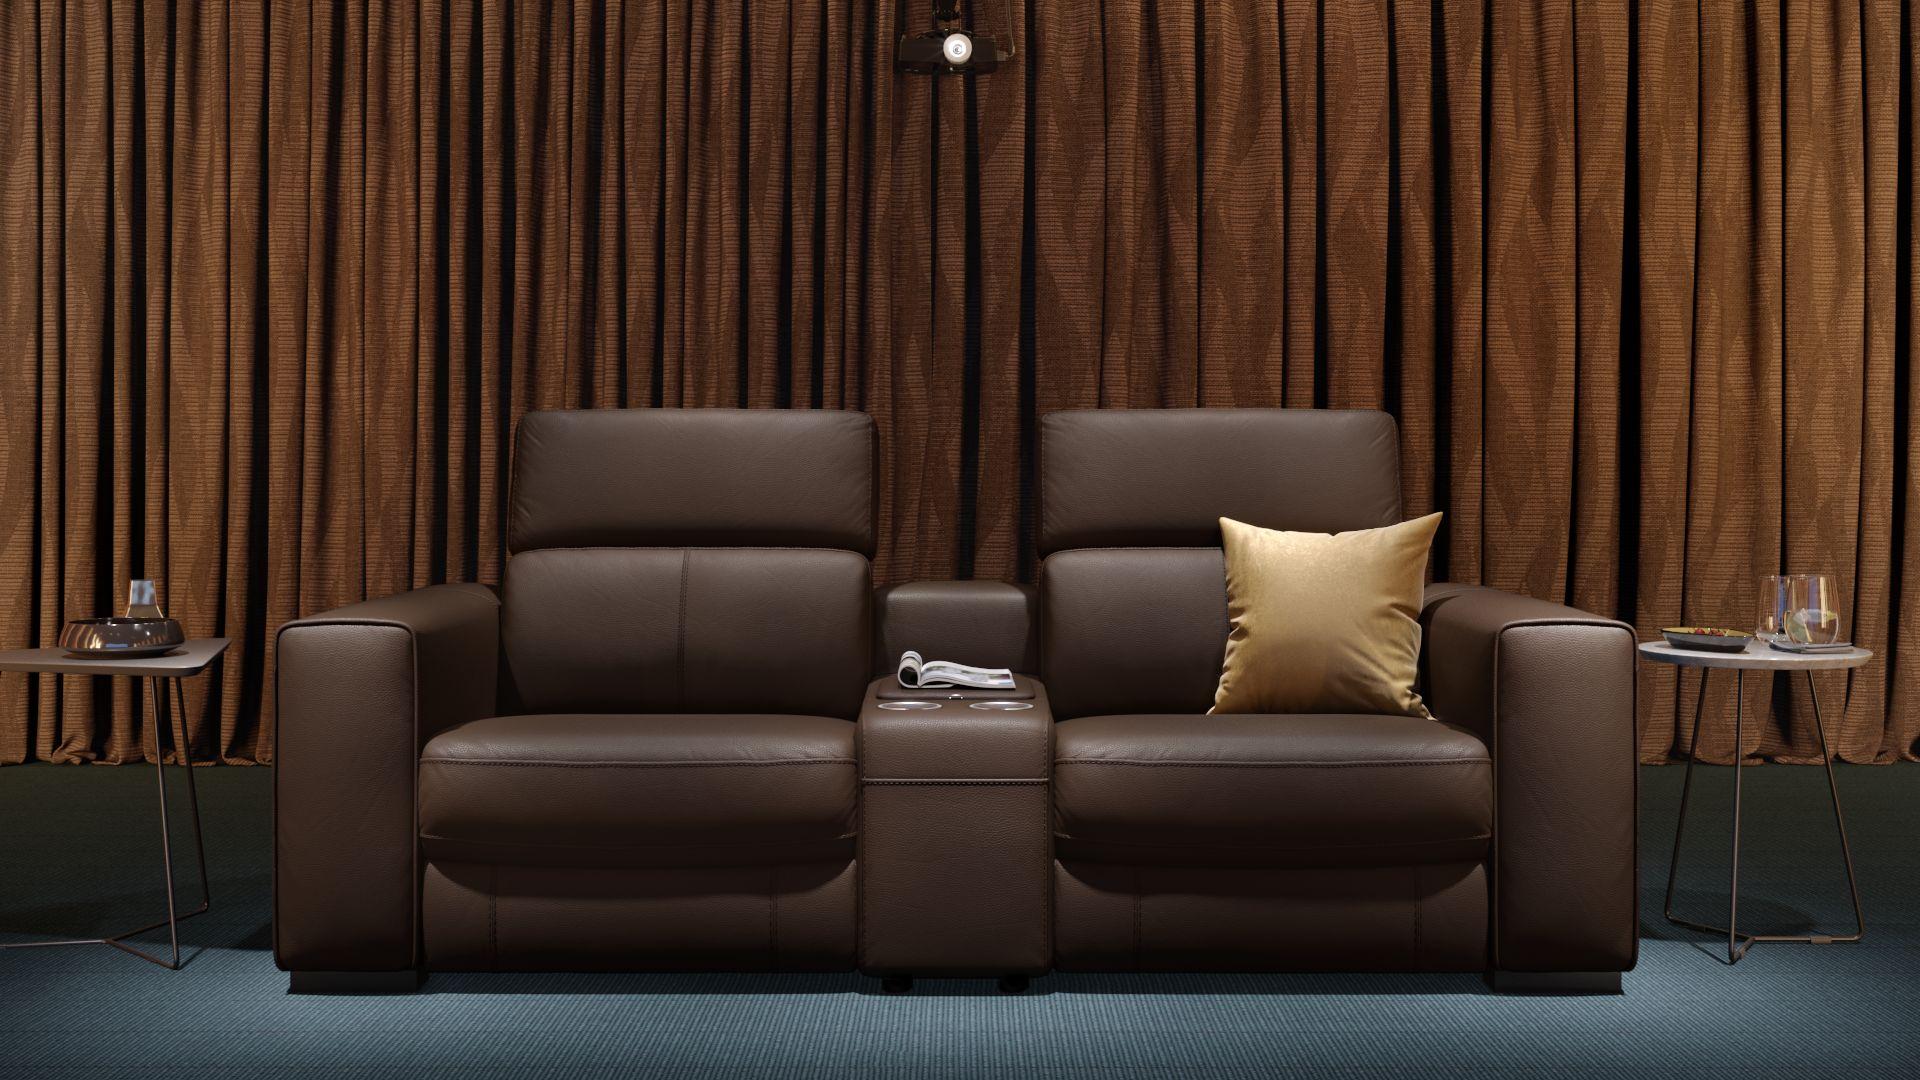 Leder 2-Sitzer Kinosofa mit einer Mittelkonsole BOVINO